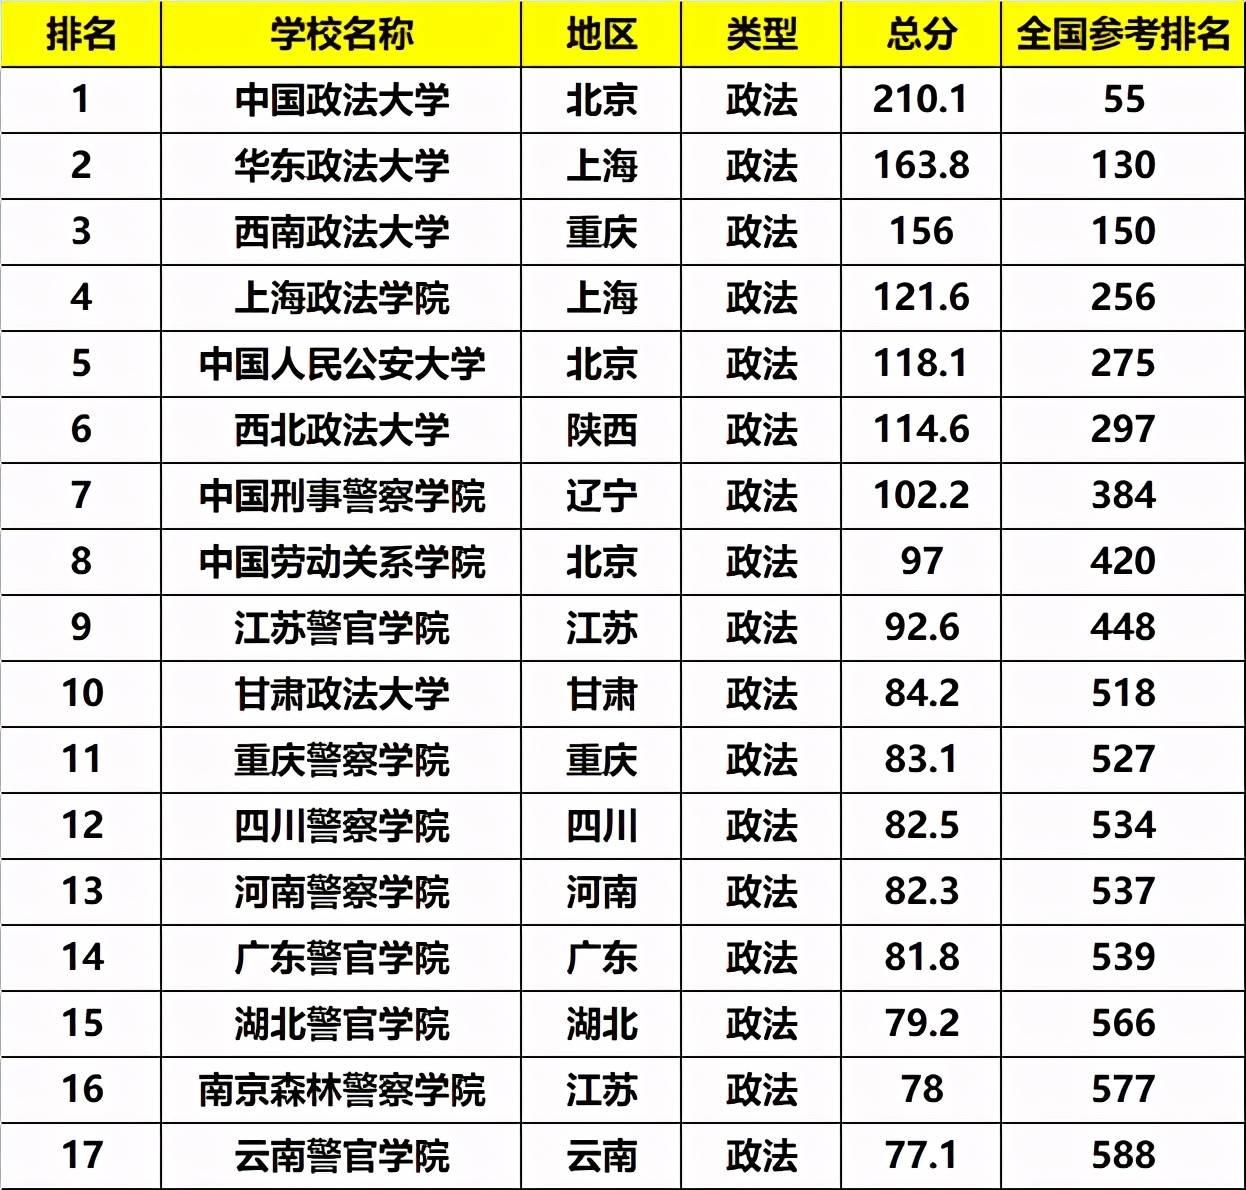 政法大学排名_中国政法大学排名